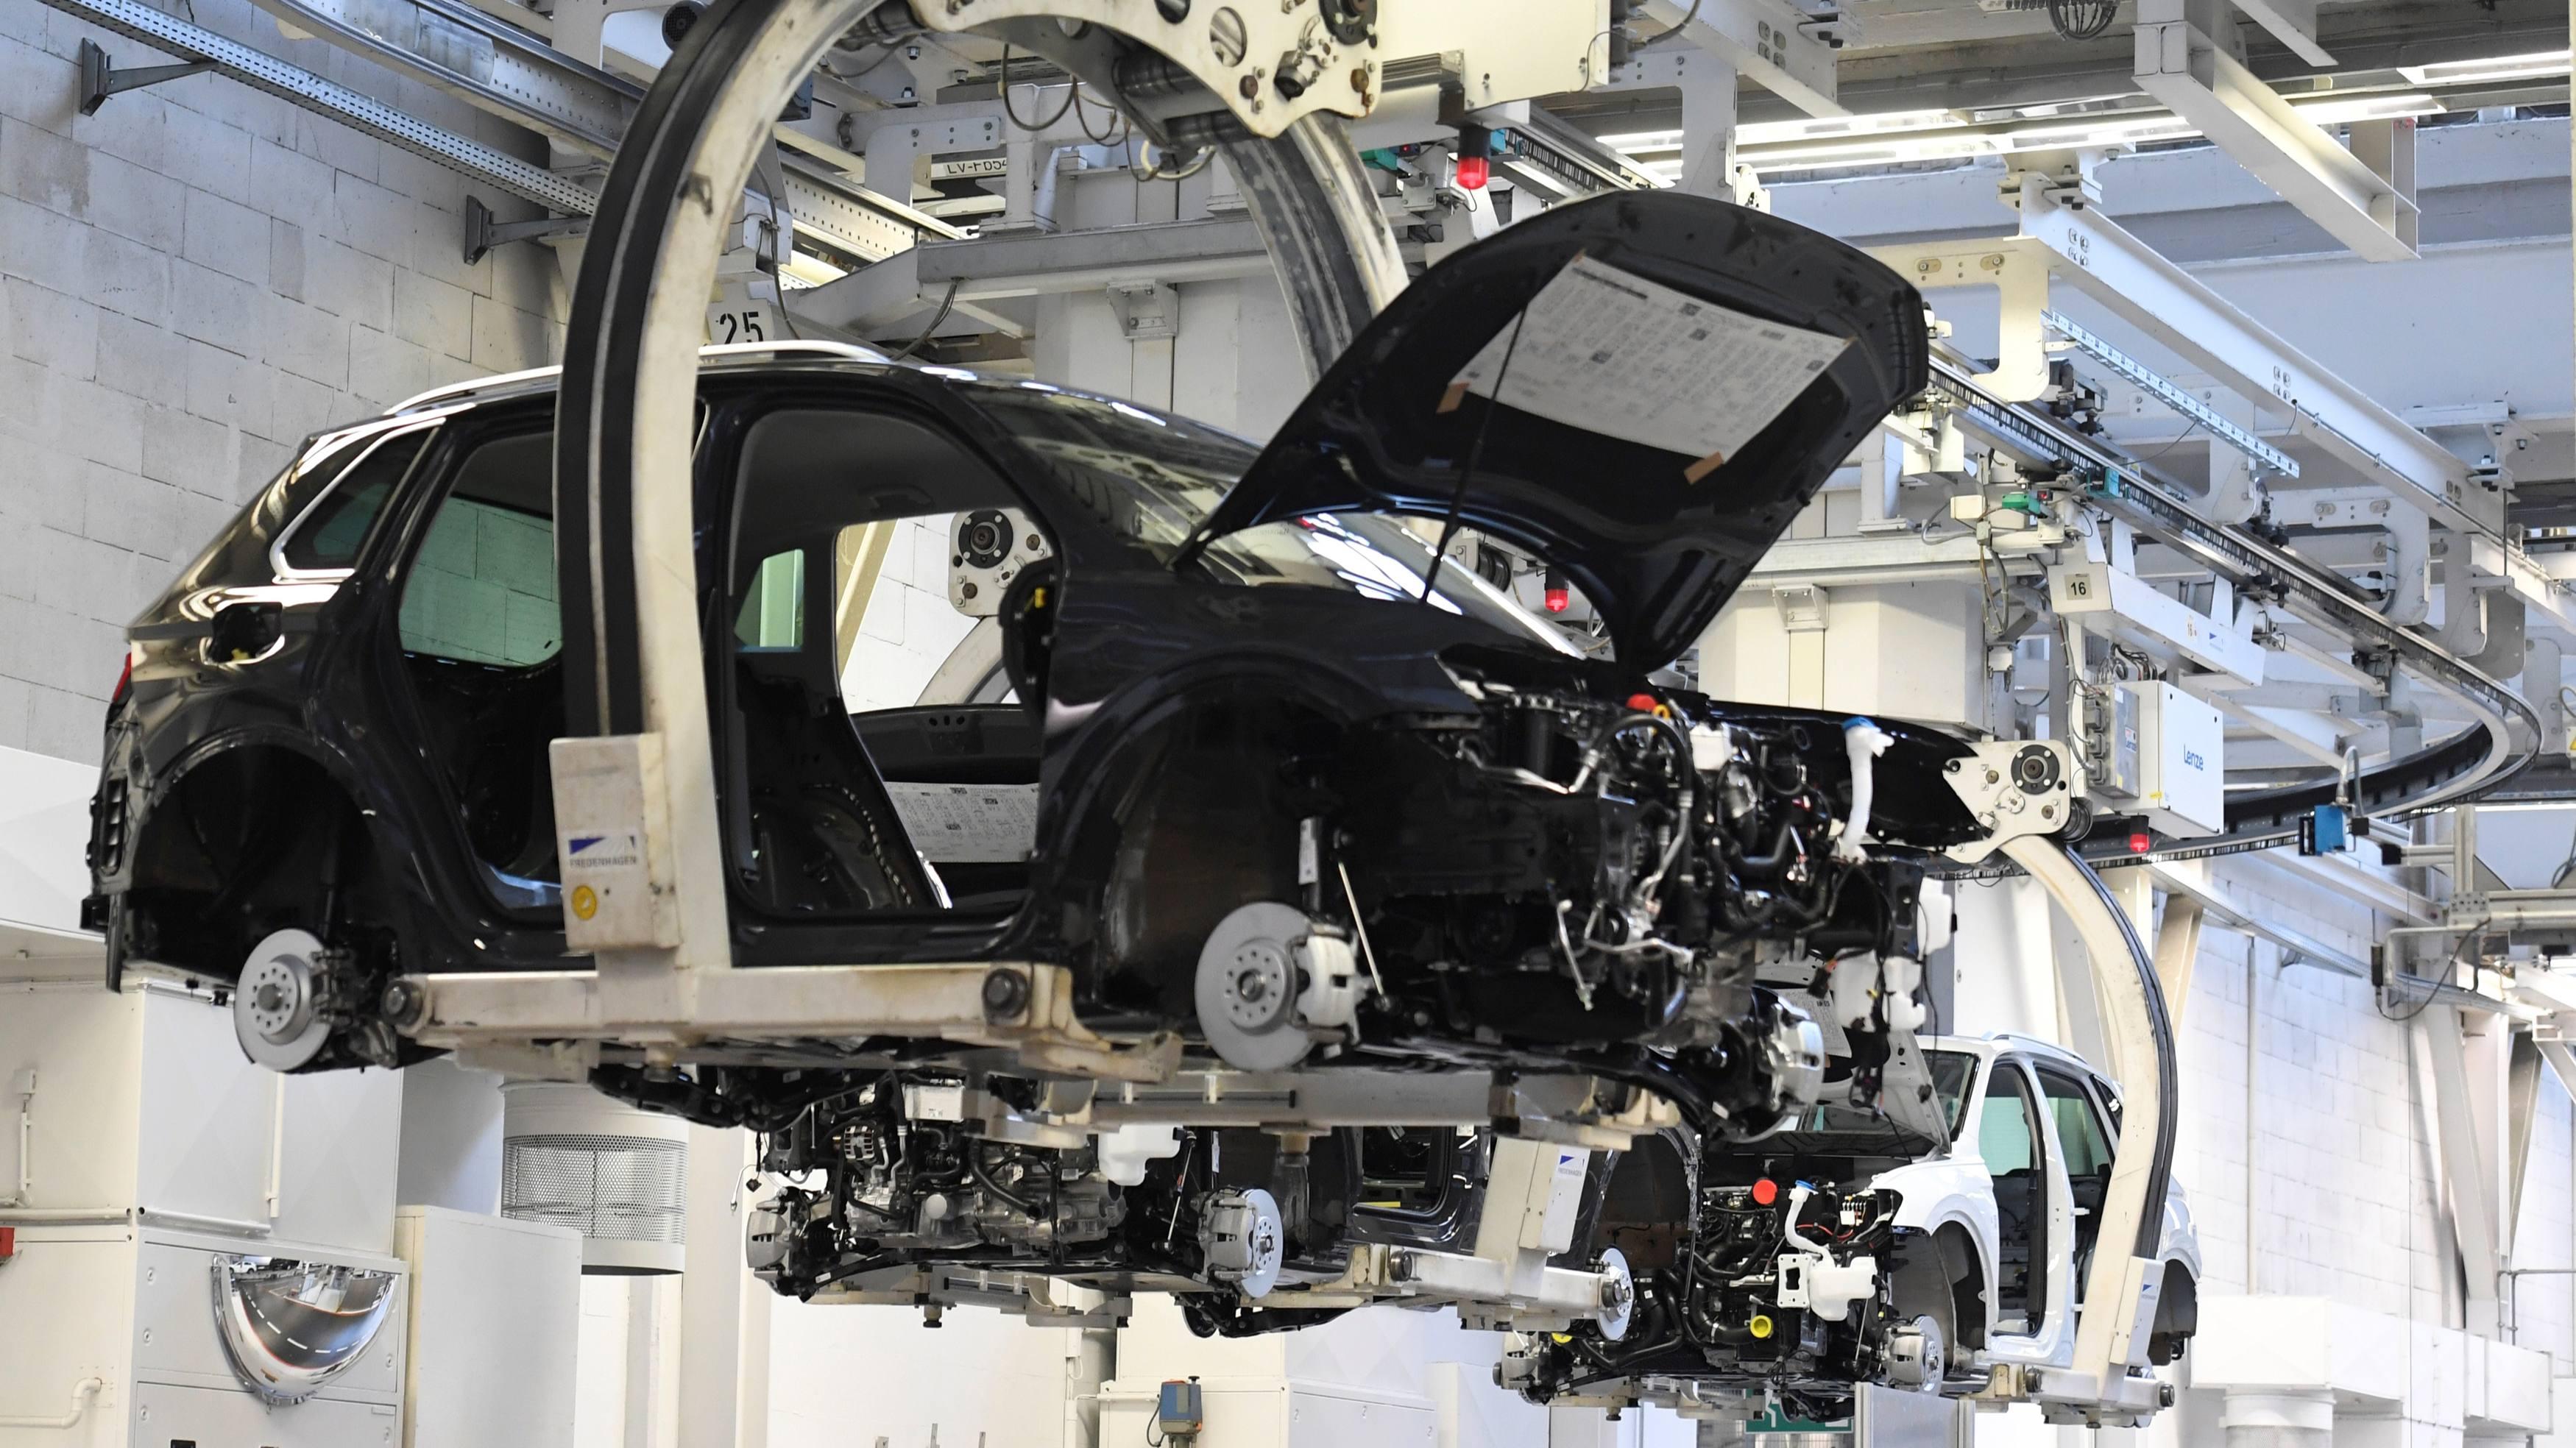 Tình trạng thiếu hụt chip toàn cầu đang đe dọa các công ty sản xuất ô tô trên toàn thế giới